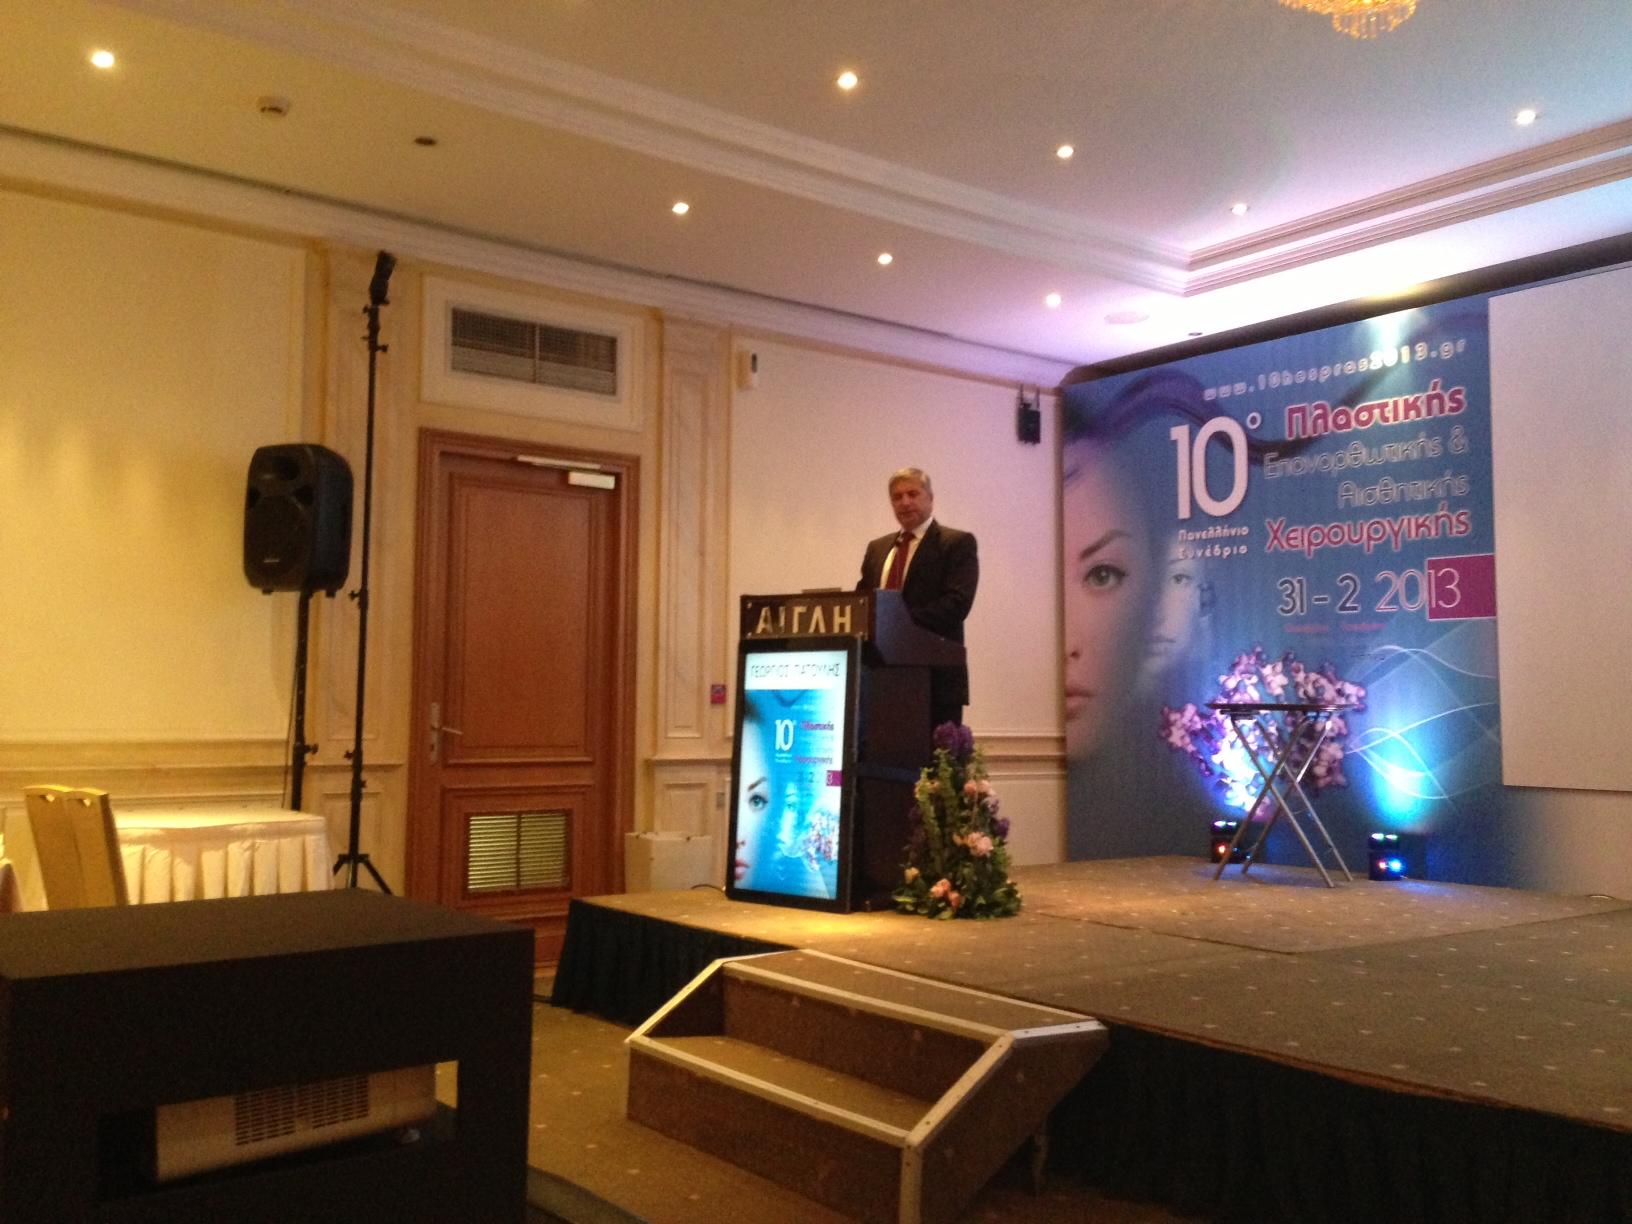 10ο Συνέδριο Πλαστικής Χειρουργικής - ΙΣΑ